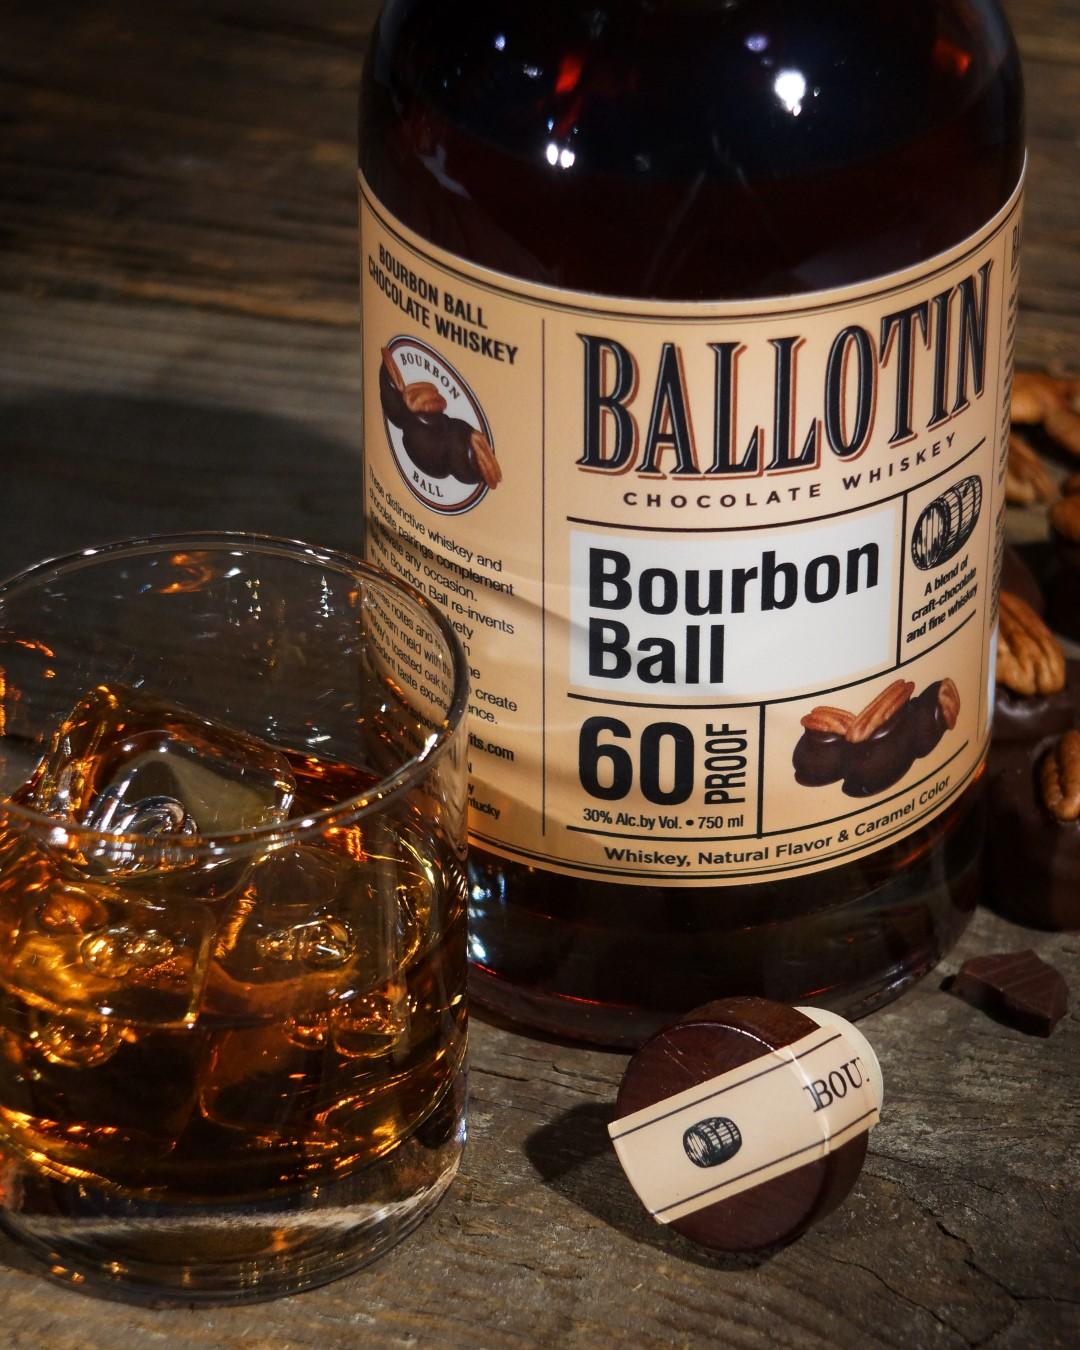 Ballotin Bourbon BallWhiskey